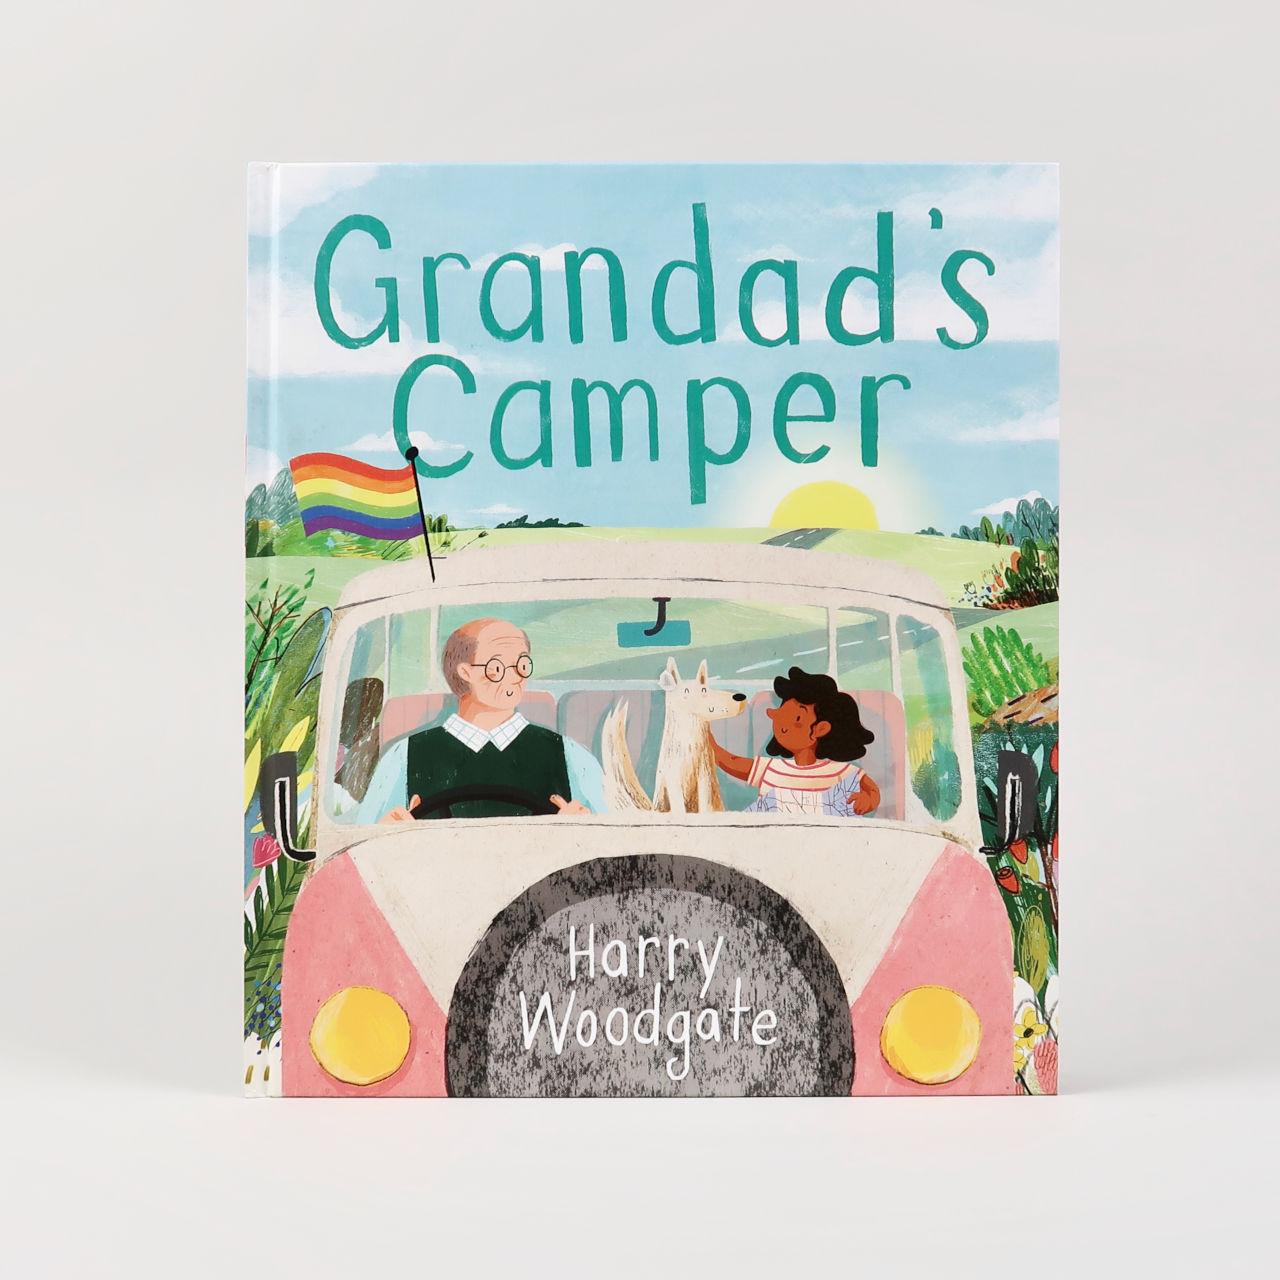 Grandad's Camper - Harry Woodgate